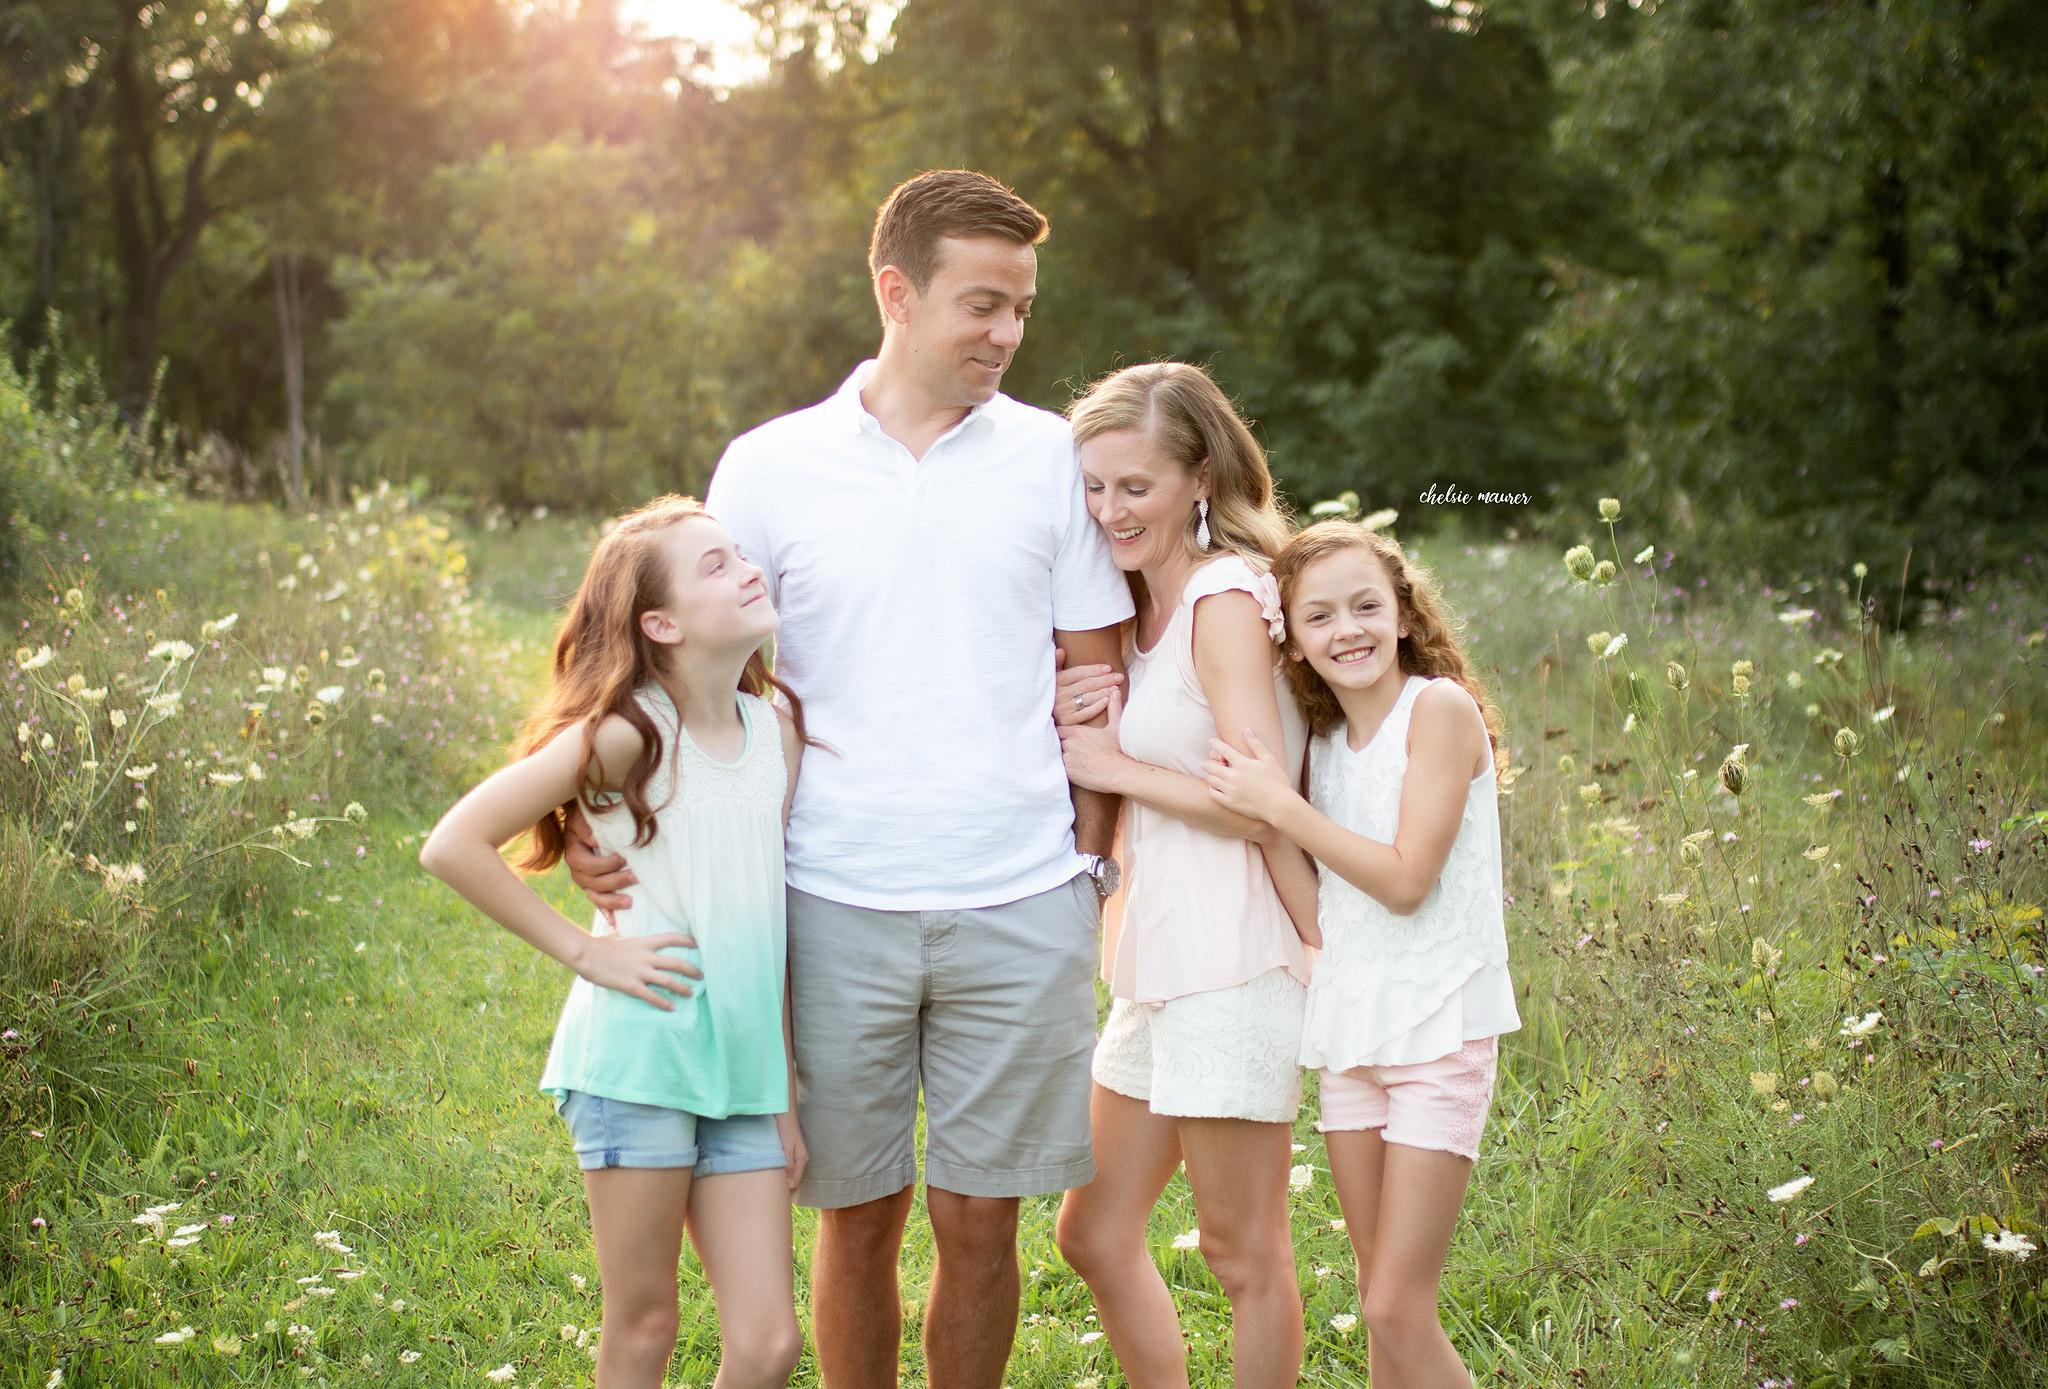 family photographer detroit mi (32).jpg